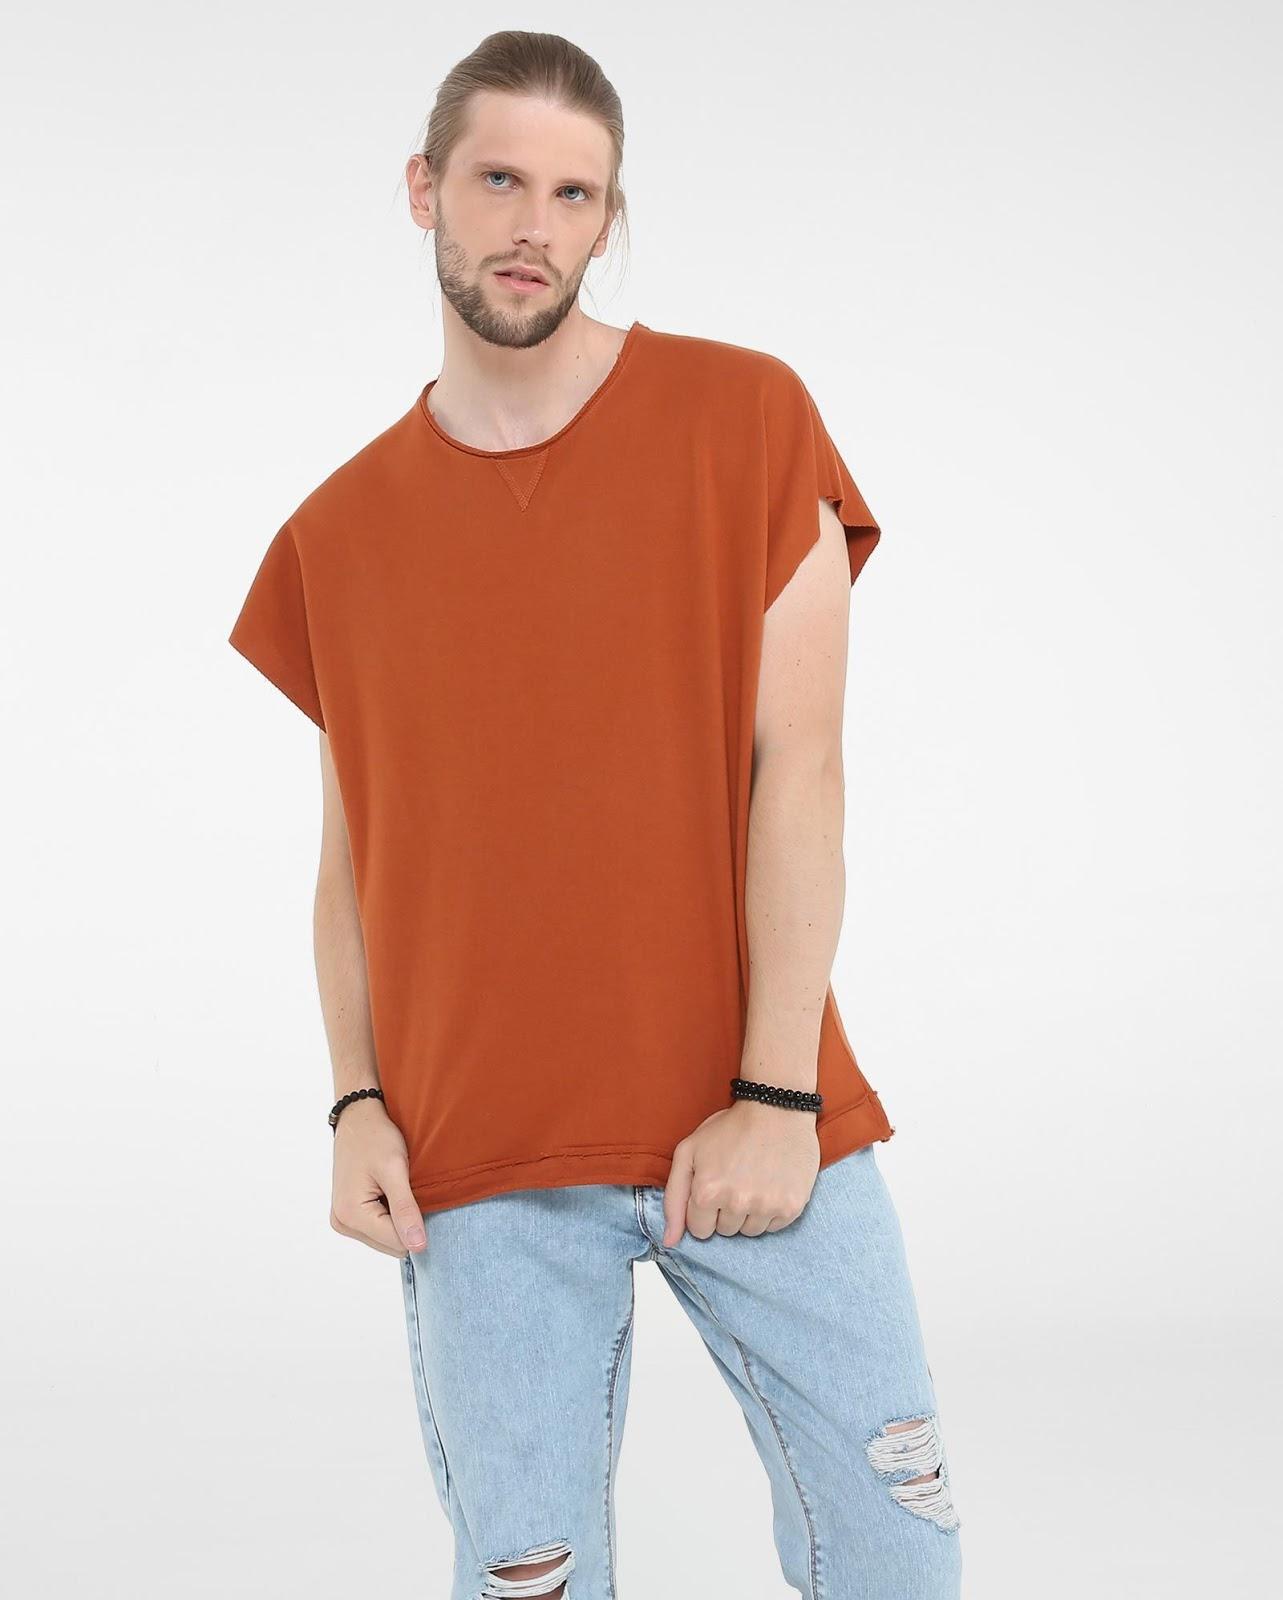 LEO KLEIN - KADU DANTAS PARA RIACHUELO - Camiseta Ampla Moletinho